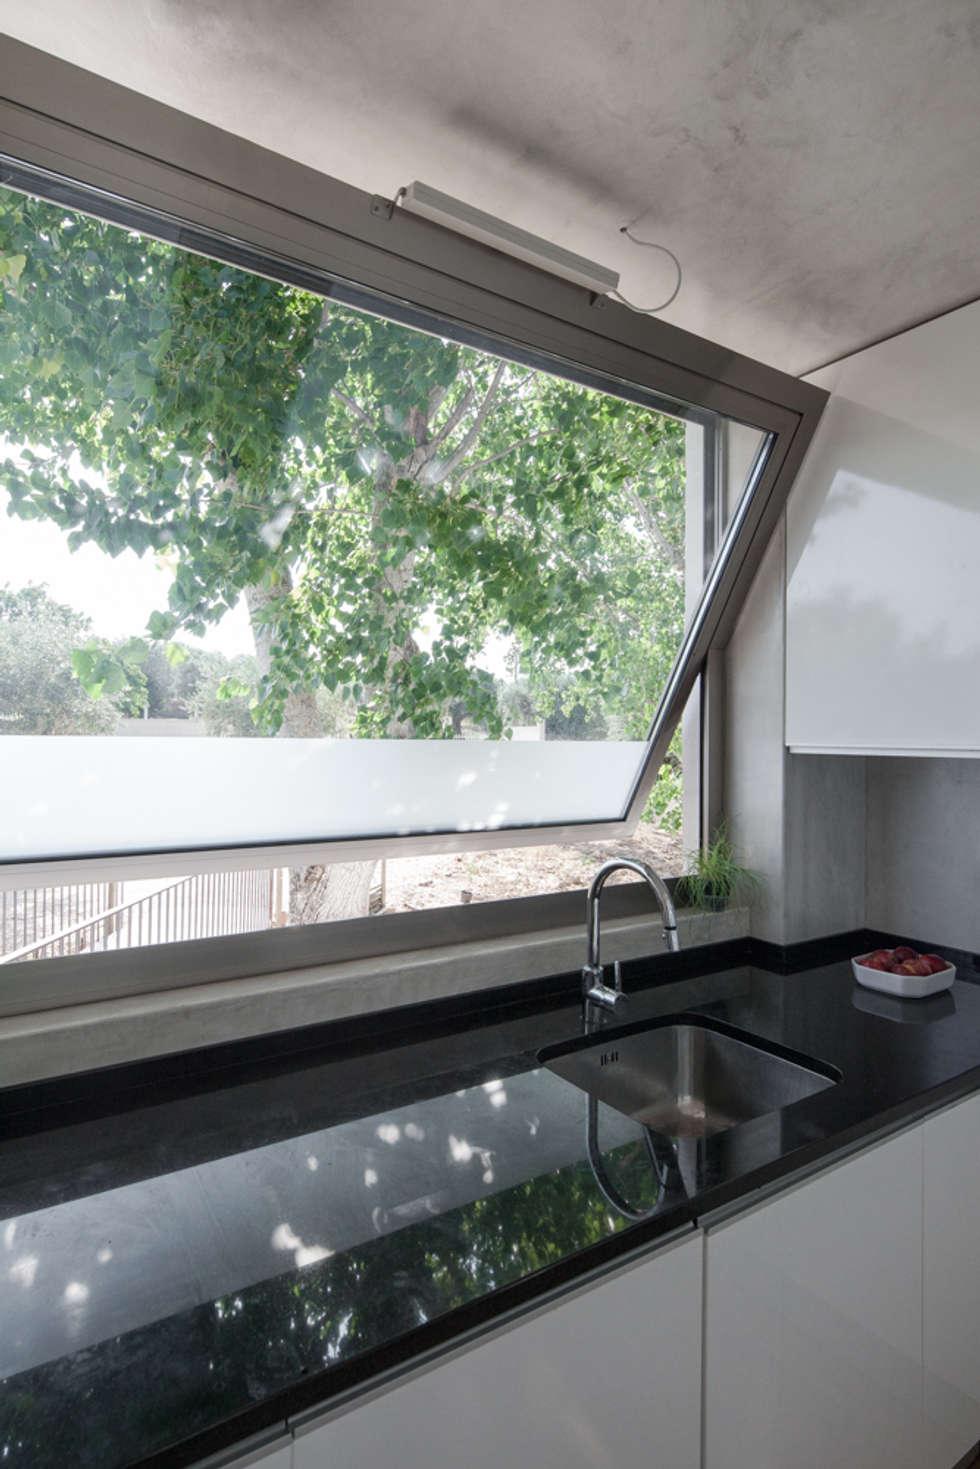 Casa sobre Armazém: Cozinhas modernas por Miguel Marcelino, Arq. Lda.